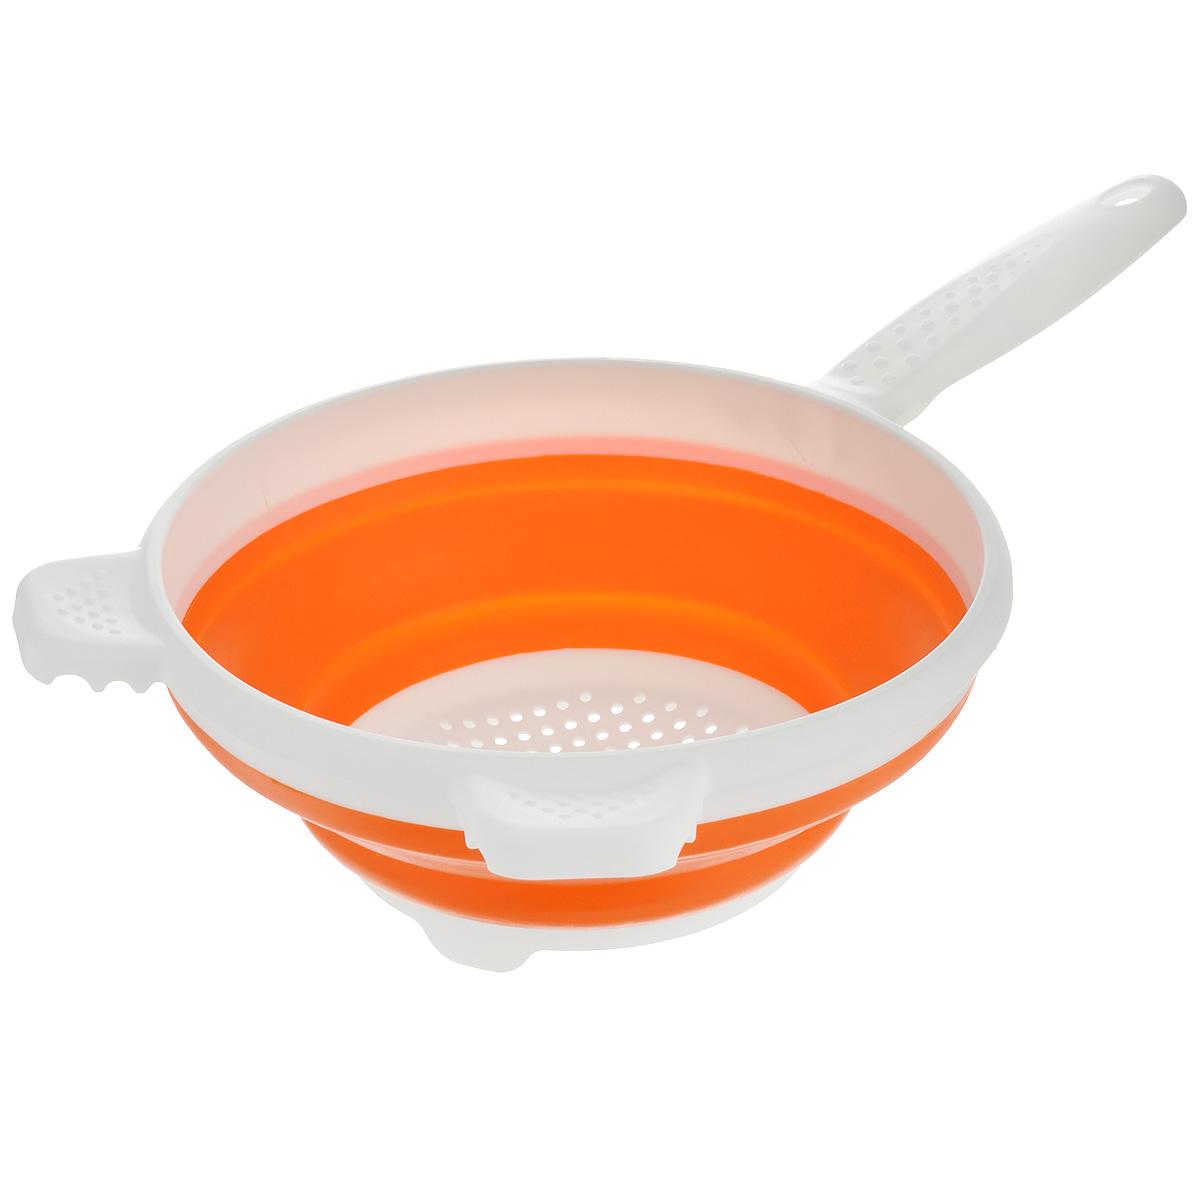 Дуршлаг складной Apollo, цвет: белый, оранжевый, диаметр 19,5 смCLD-01_оранжевыйСкладной дуршлаг Apollo станет полезным приобретением для вашей кухни. Он изготовлен из высококачественного пищевого силикона и пластика. Дуршлаг оснащен удобной эргономичной ручкой со специальным отверстием для подвешивания. Изделие прекрасно подходит для процеживания, ополаскивания и стекания макарон, овощей, фруктов. Дуршлаг компактно складывается, что делает его удобным для хранения.Не рекомендуется мыть в посудомоечной машине.Диаметр по верхнему краю: 19,5 см.Максимальная высота: 8 см.Минимальная высота: 3 см.Длина ручки: 13 см.Длина ручки: 15 см.